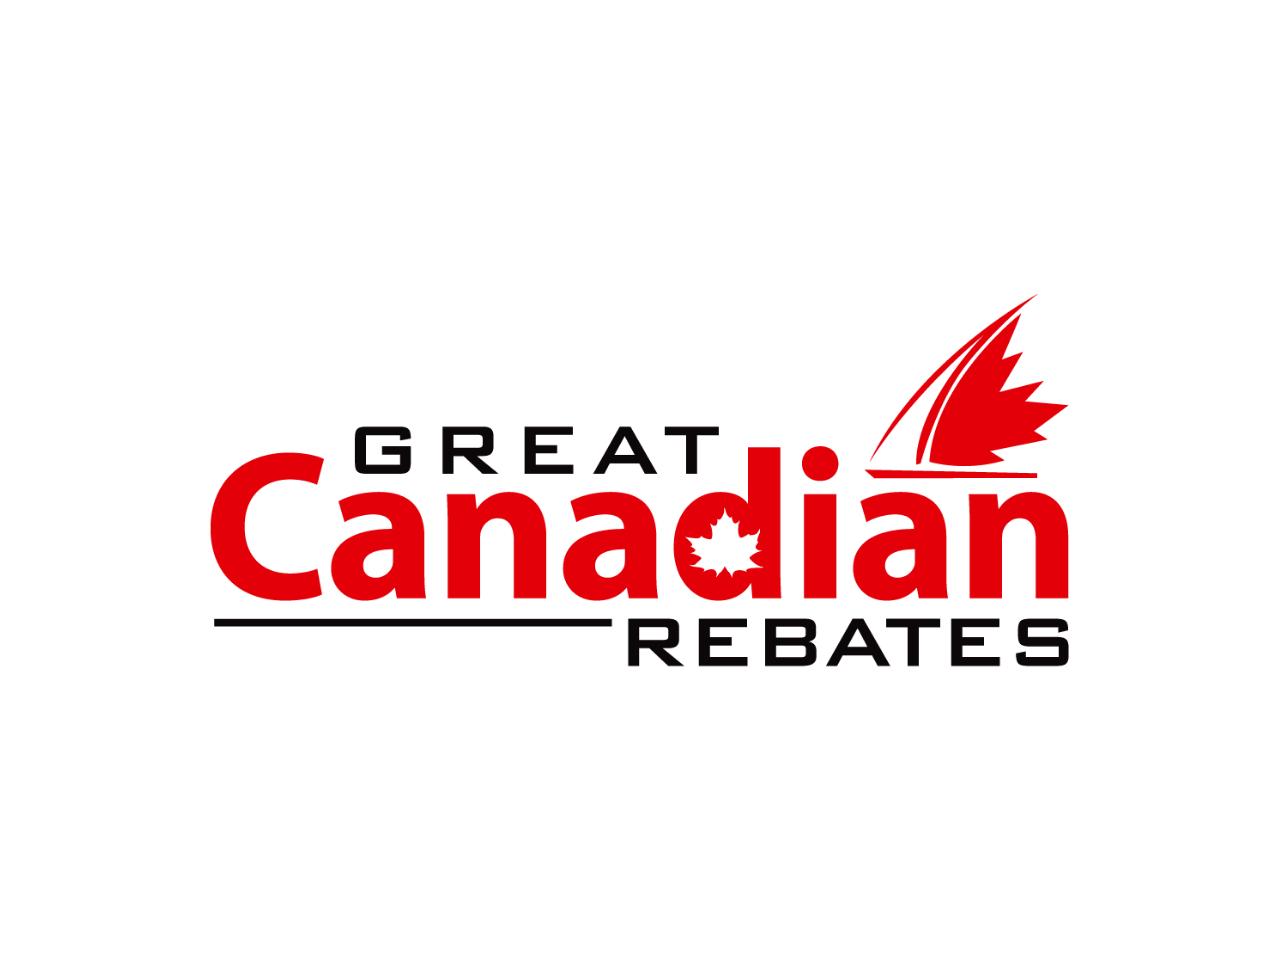 Great Canadian Rebates Review